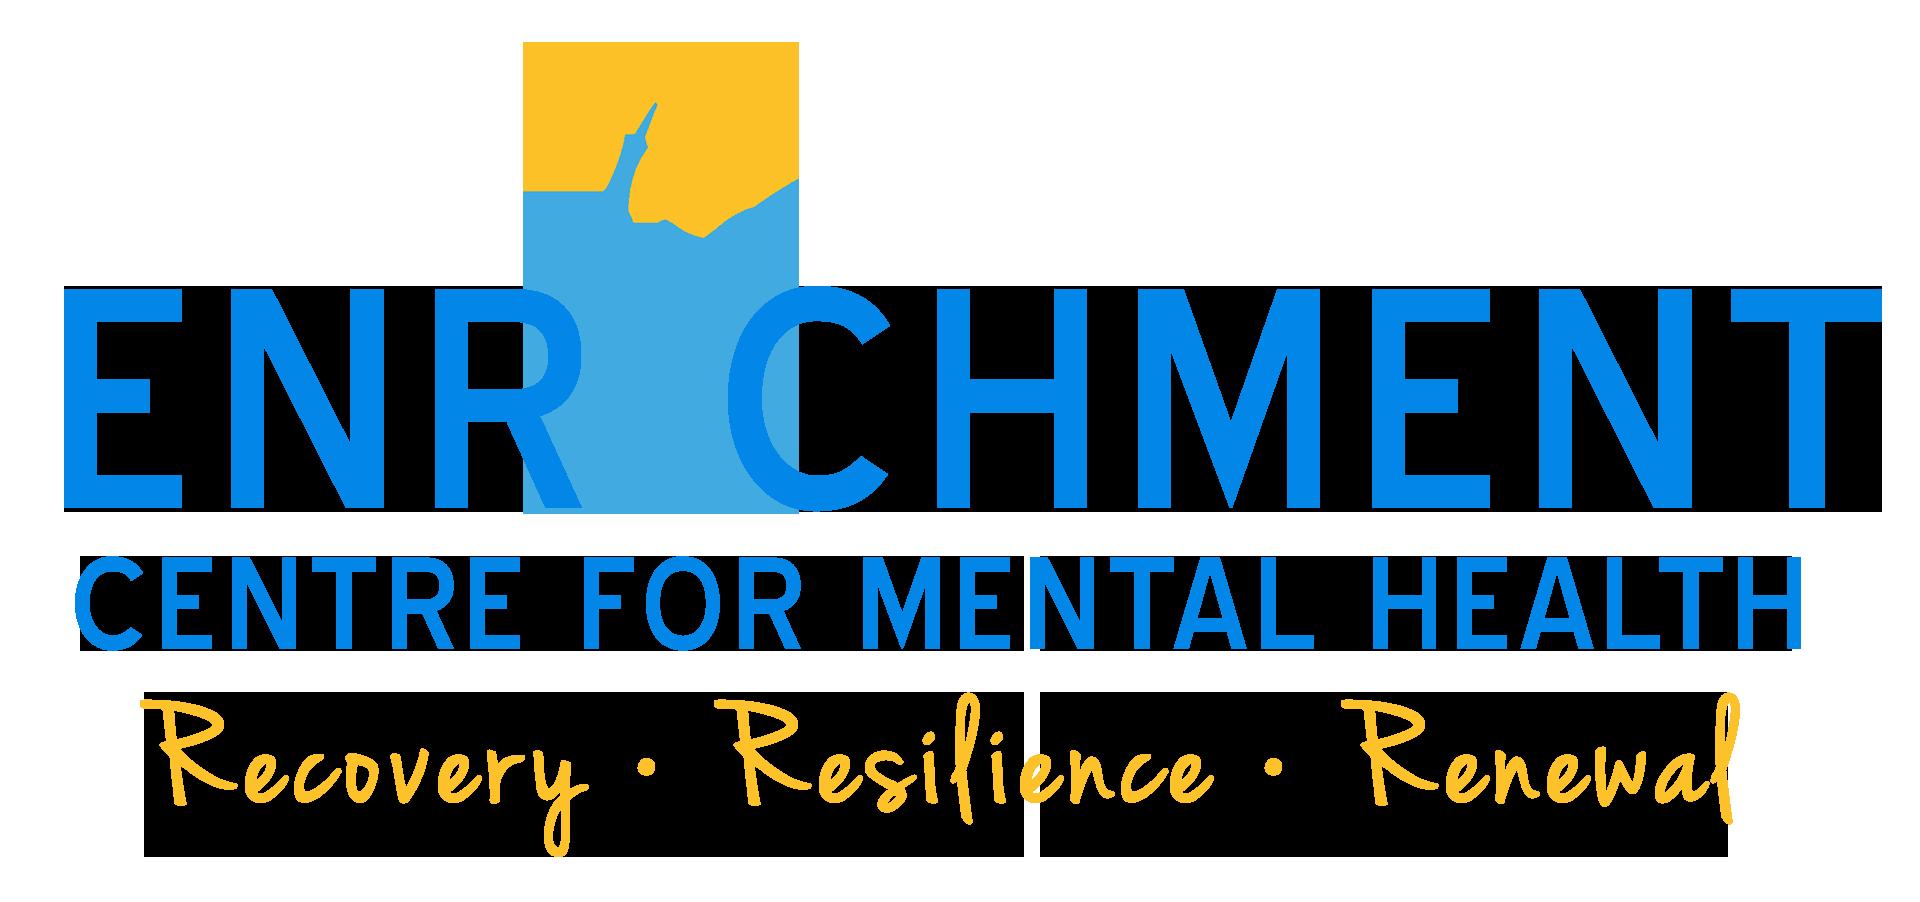 Enrichment Centre for Mental Health